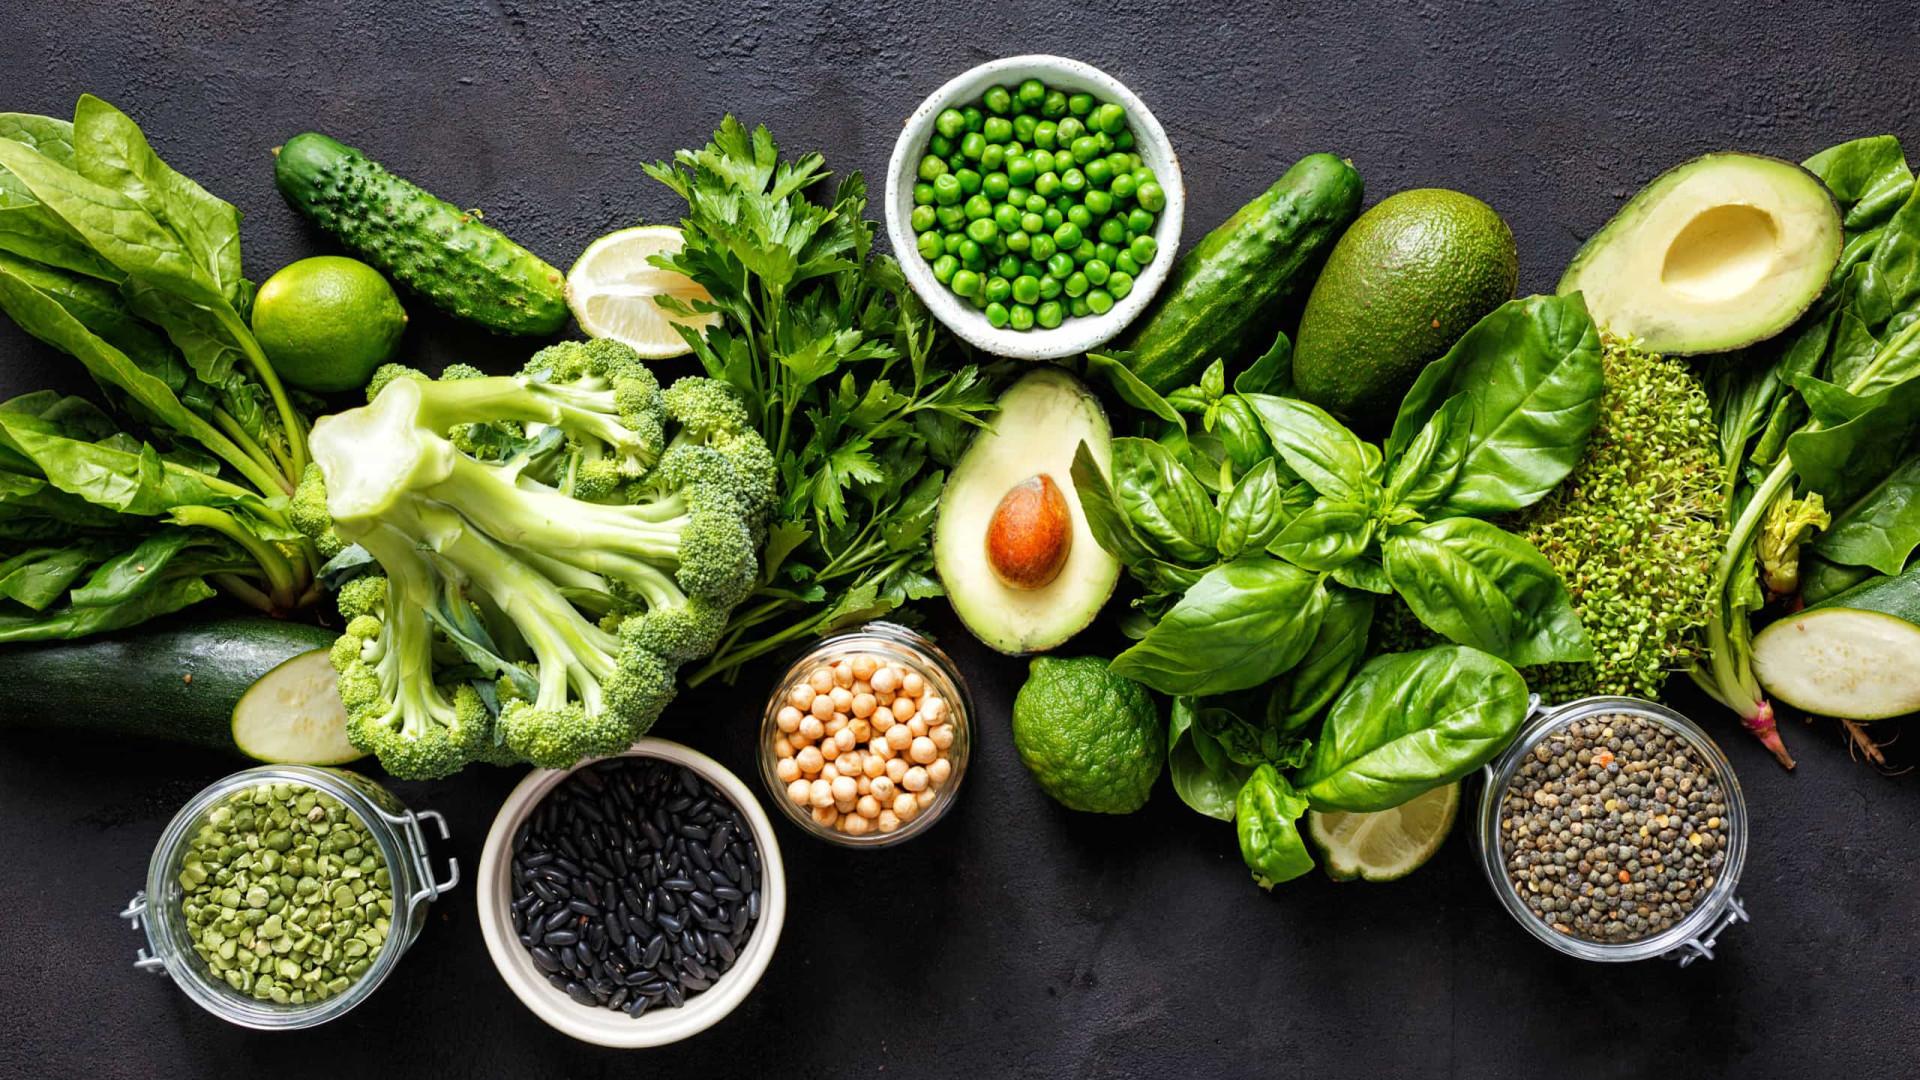 Comer mais proteína vegetal reduz risco de morte